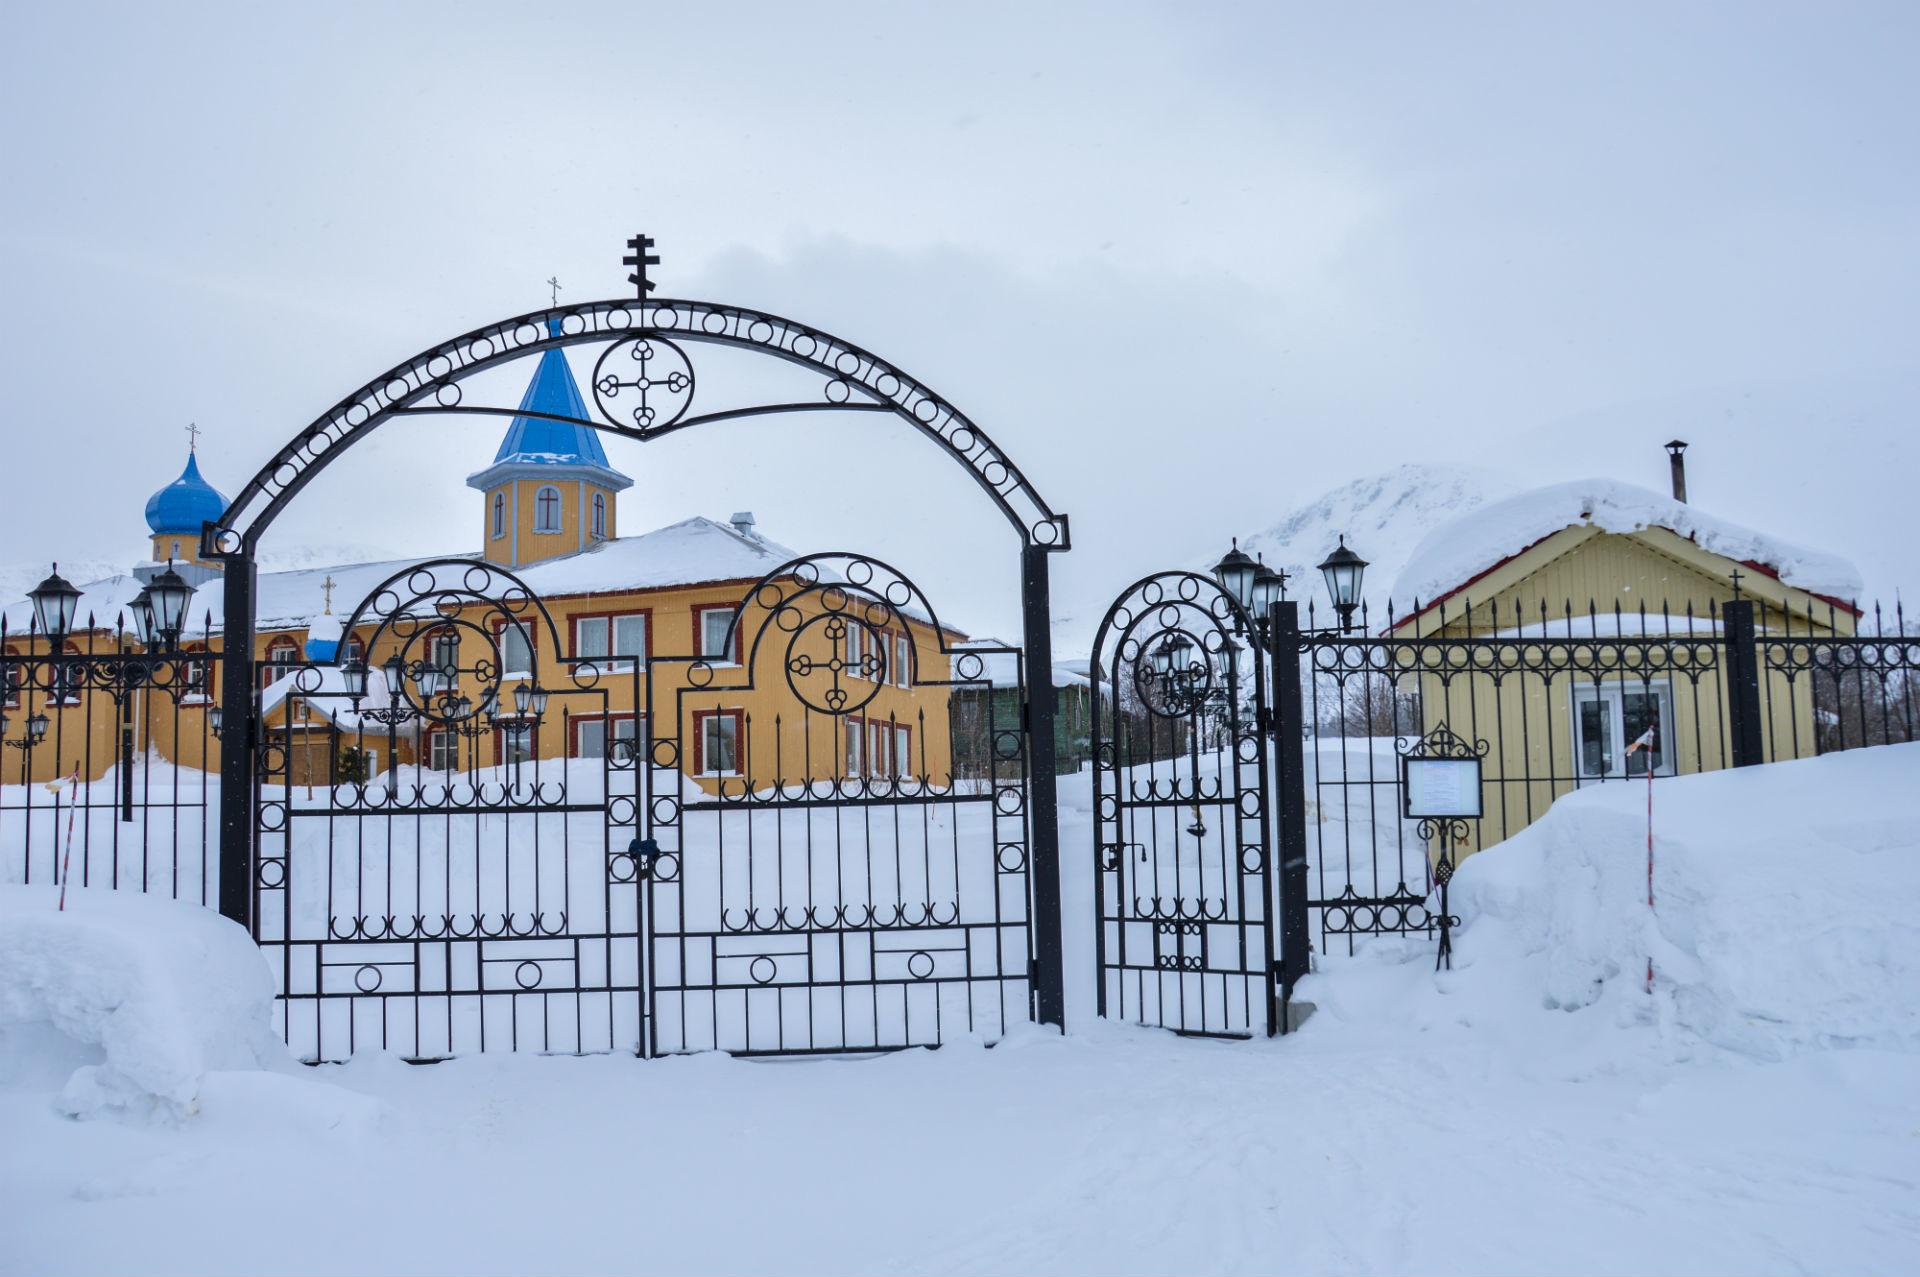 Au pied des montagnes, le monastère apporte une unique touche de couleur dans cet environnement monochromatique.